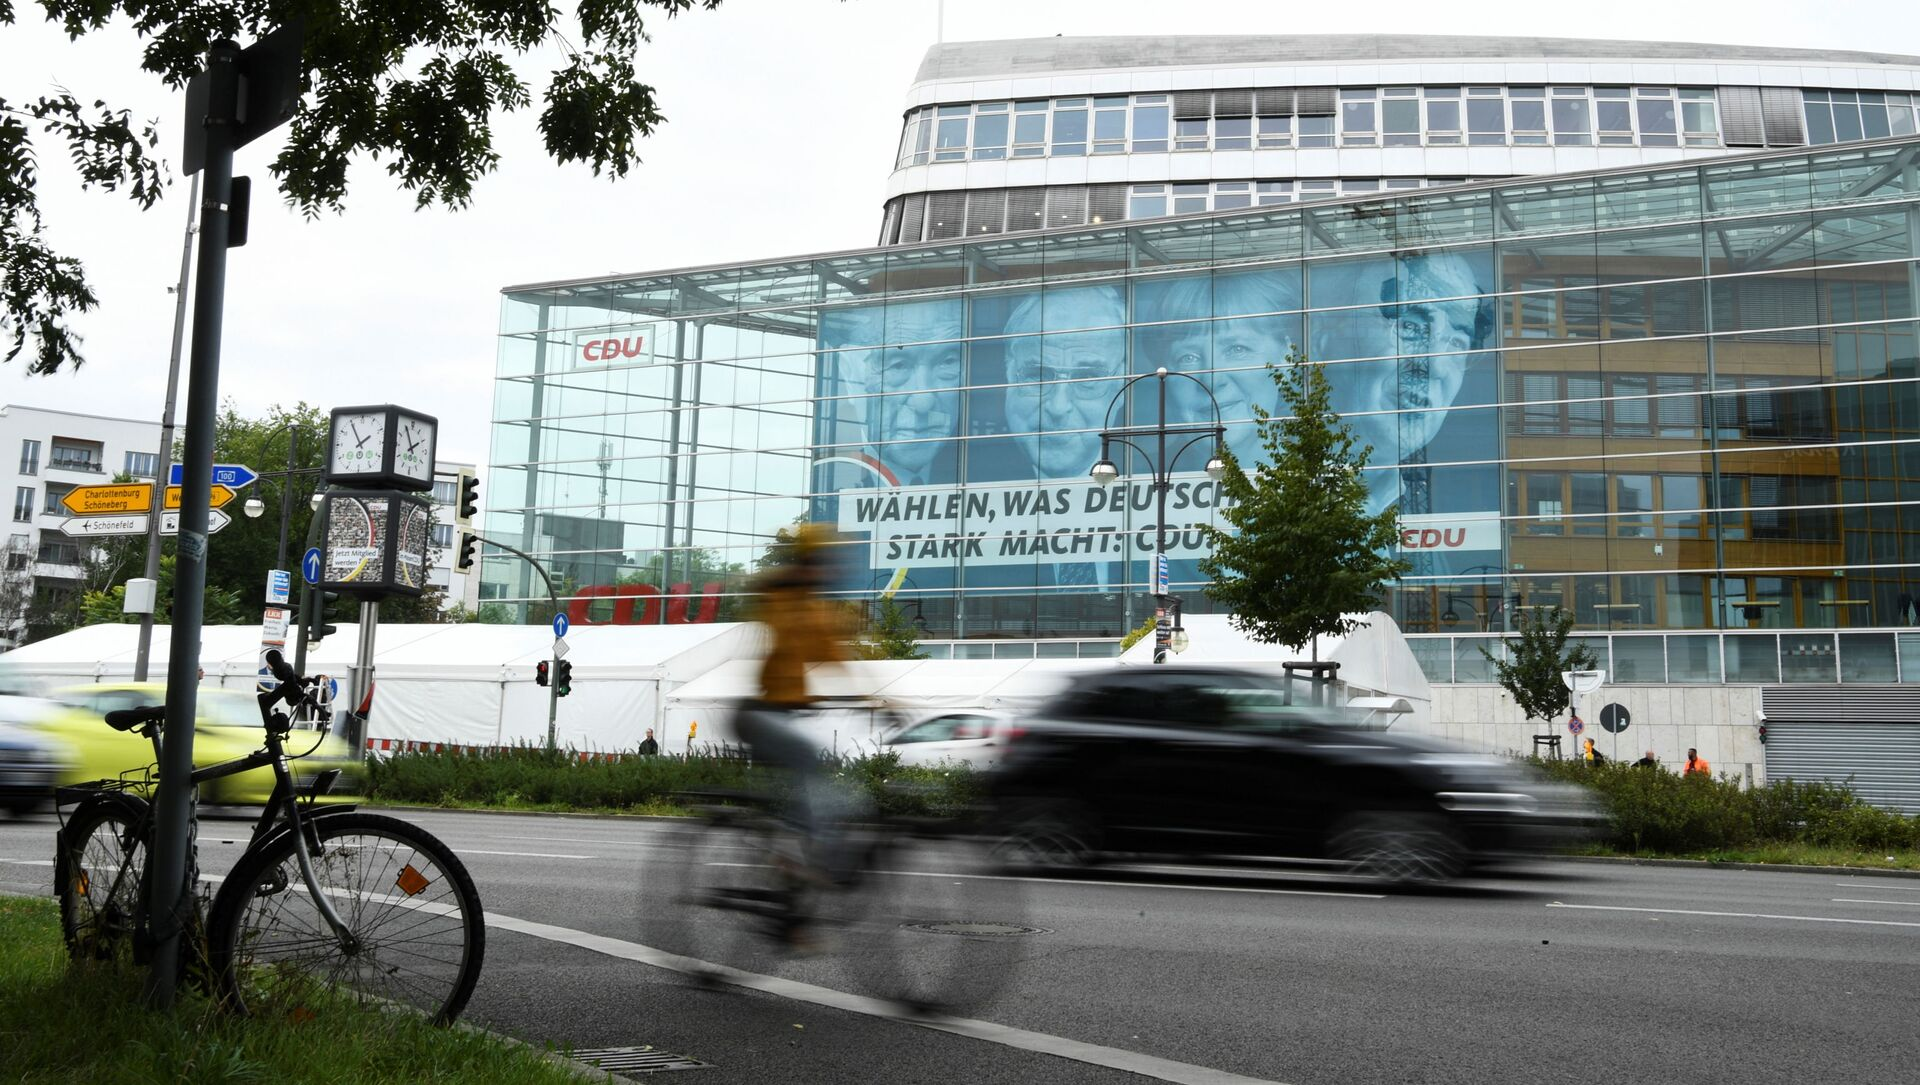 Плакат предвыборной кампании с изображением бывших канцлеров Конрада Аденауэра, Гельмута Коля, действующего канцлера Ангелы Меркель и кандидата в канцлеры Армина Лашета вместе с надписью «Голосуйте за то, что делает Германию сильной» - Sputnik Азербайджан, 1920, 21.09.2021